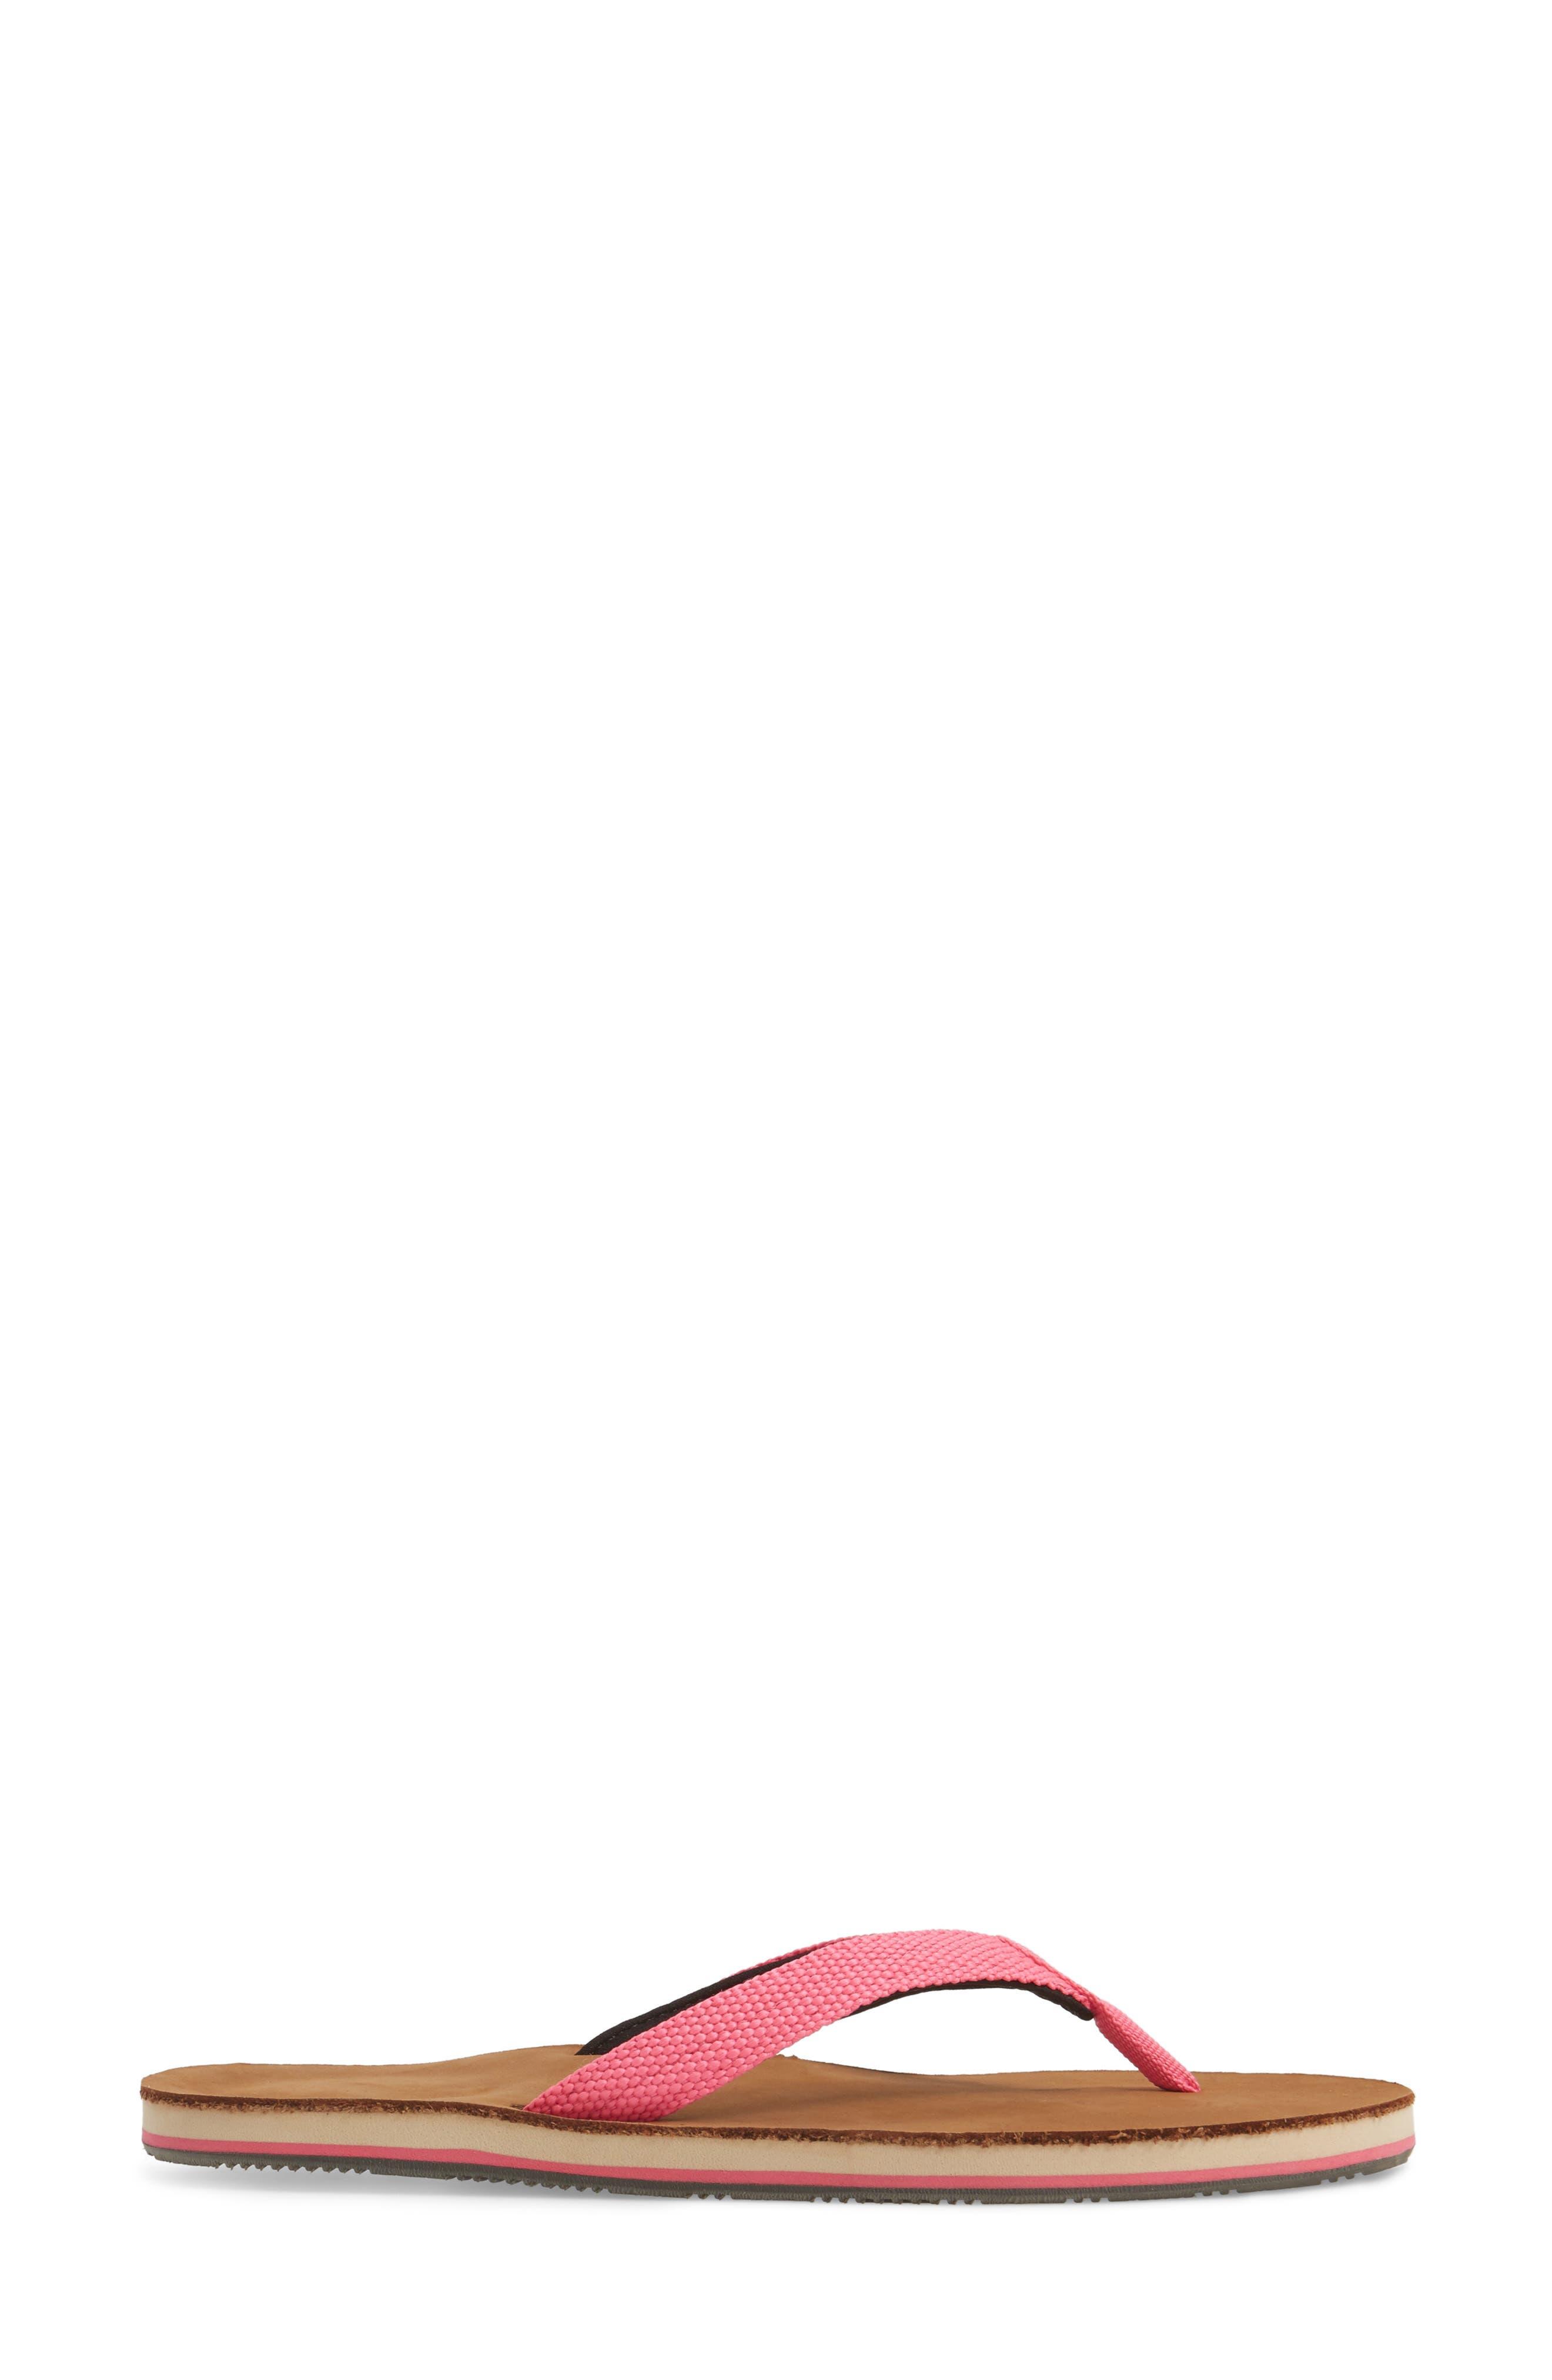 Scouts Flip Flop,                             Alternate thumbnail 3, color,                             Neon Pink/ Black